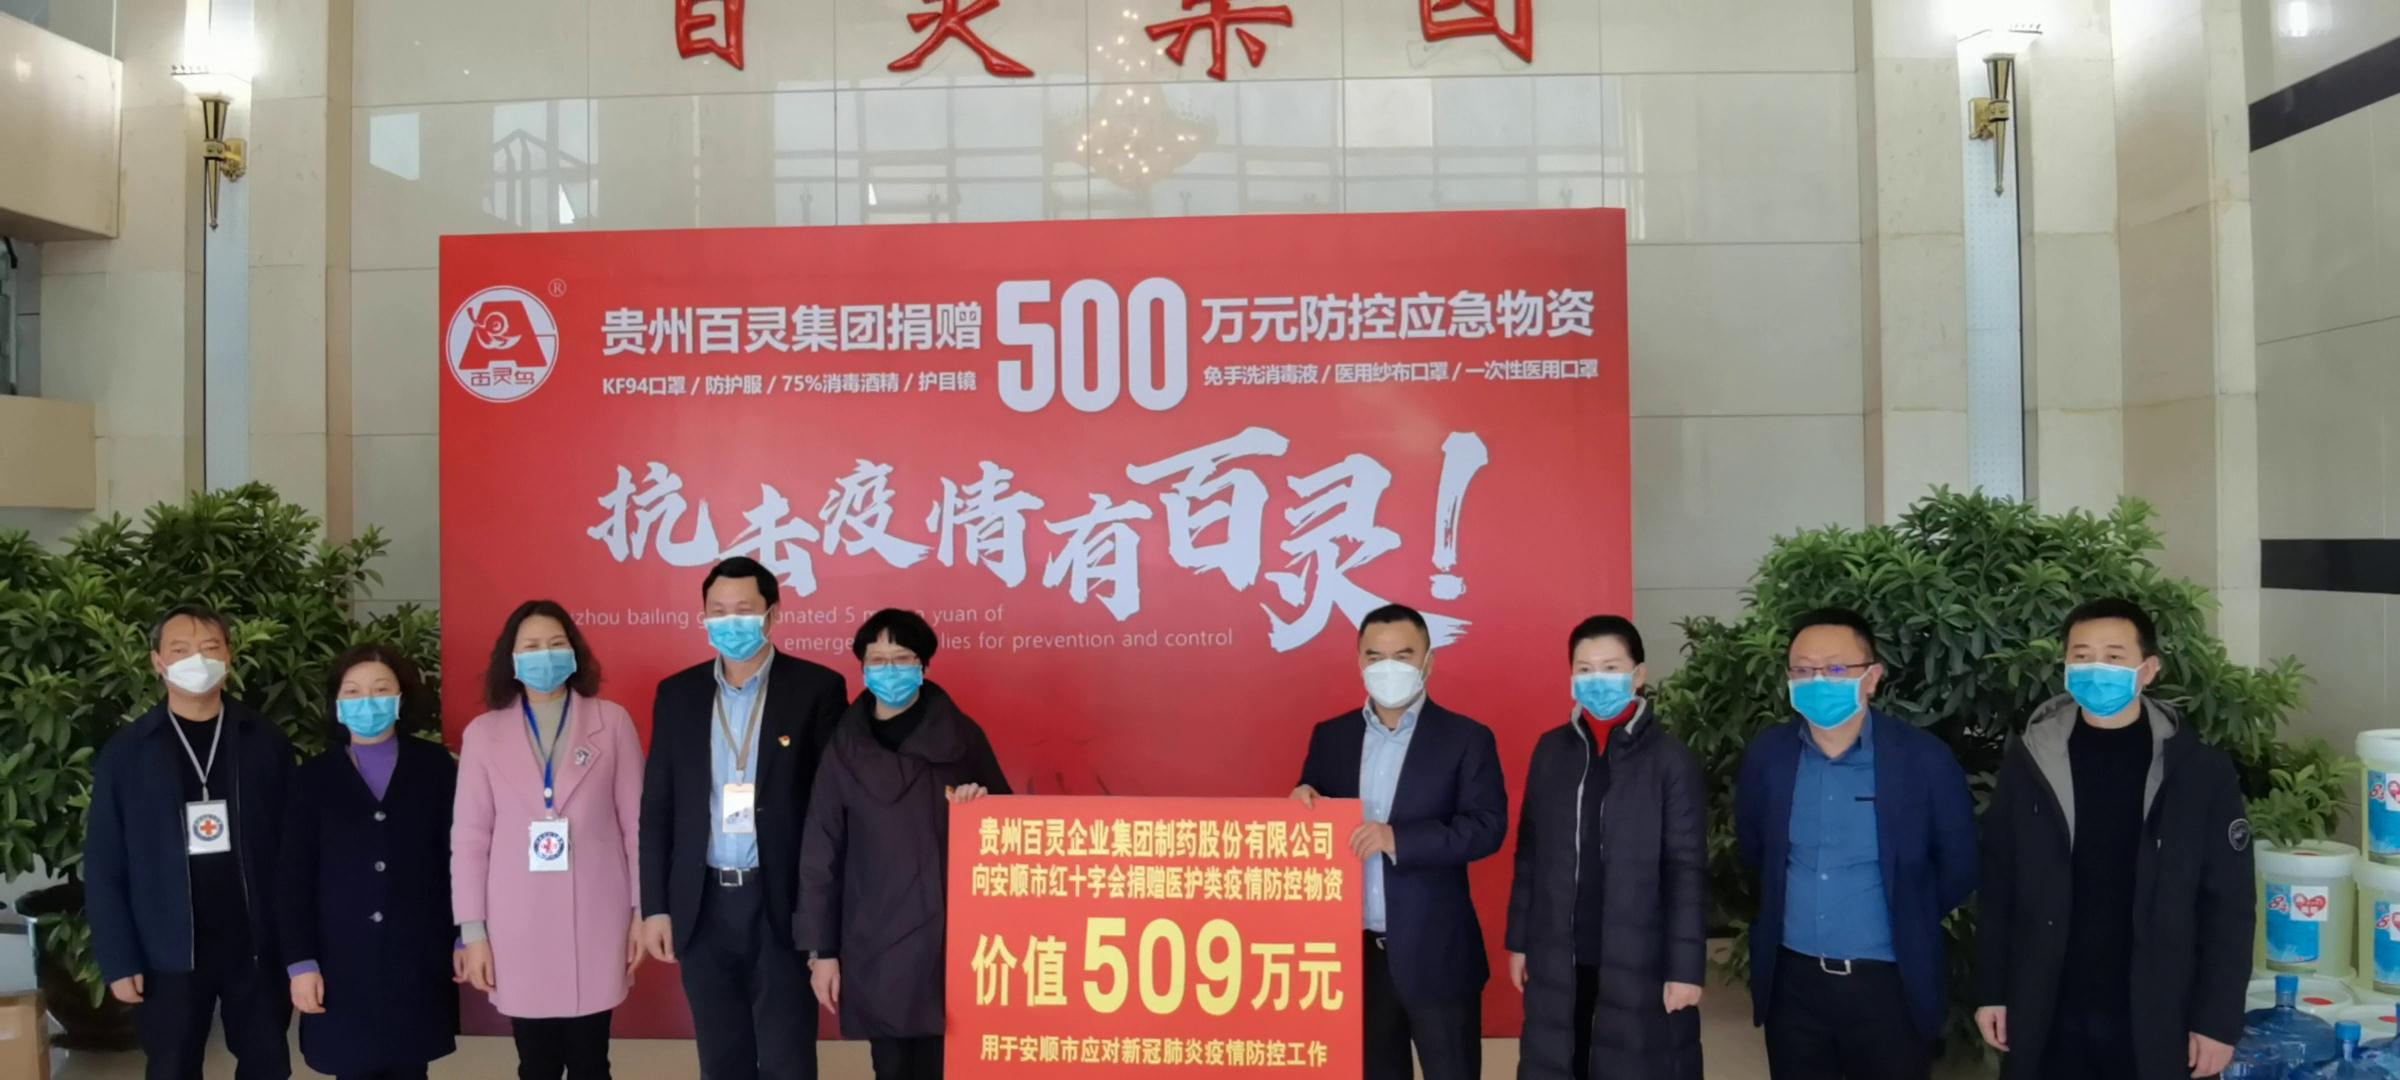 同舟共济抗疫情 贵州百灵举行疫情防控应急物资捐赠仪式